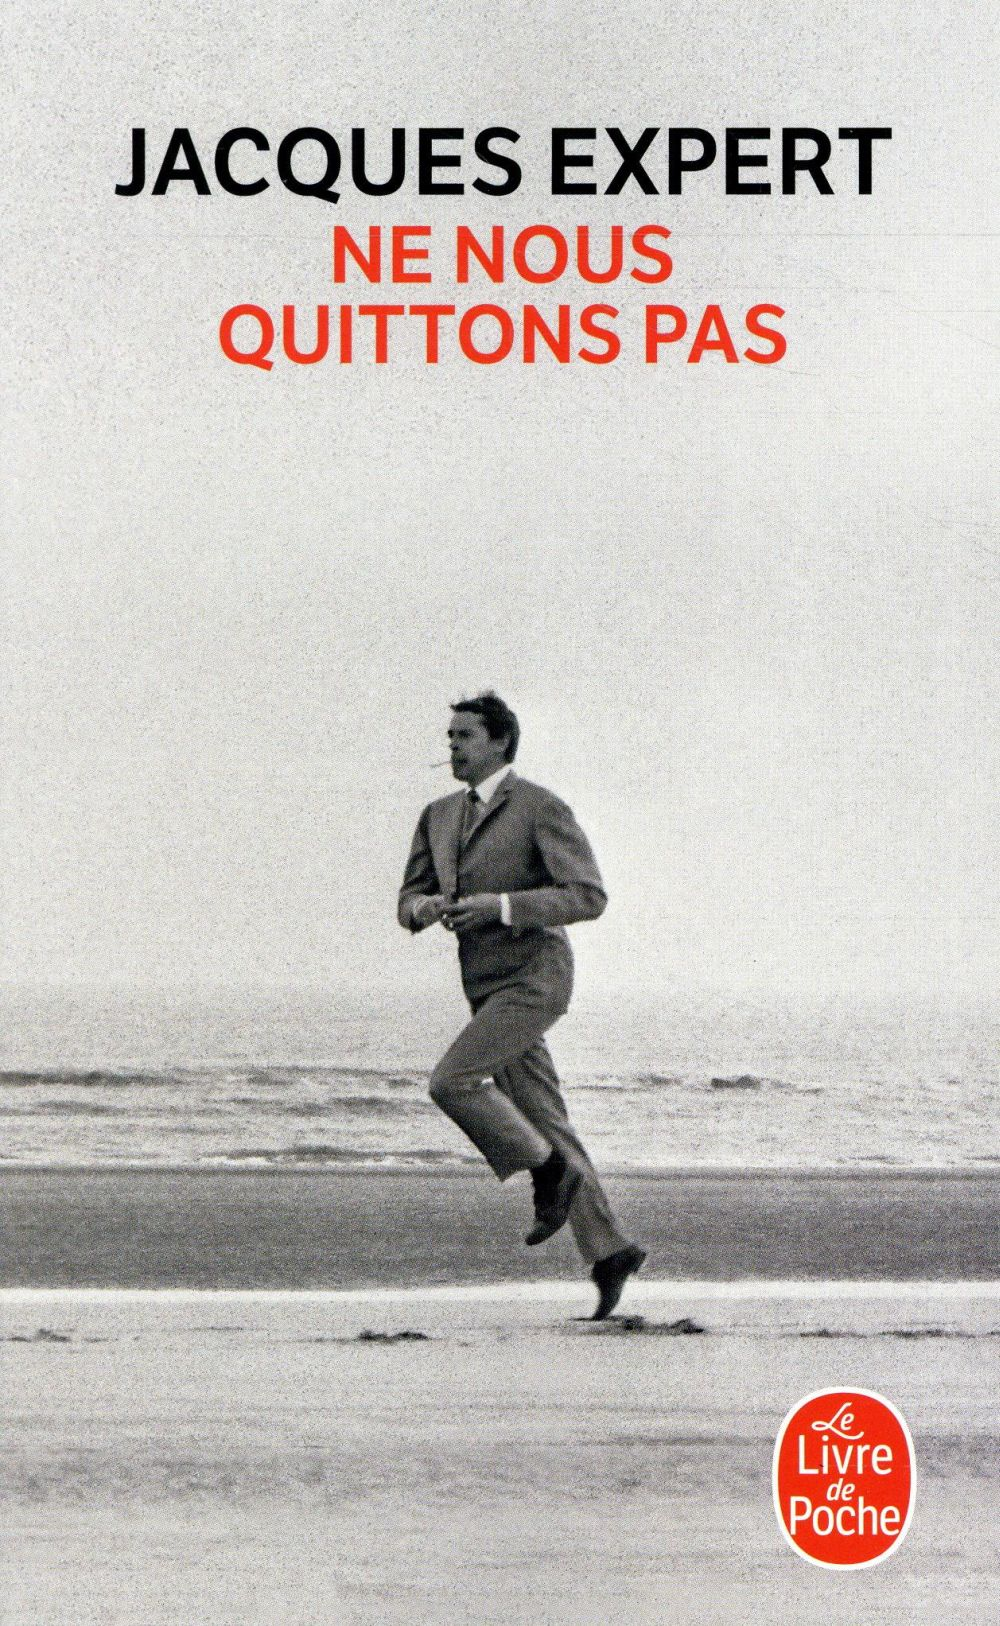 Jacques Expert - NE NOUS QUITTONS PAS